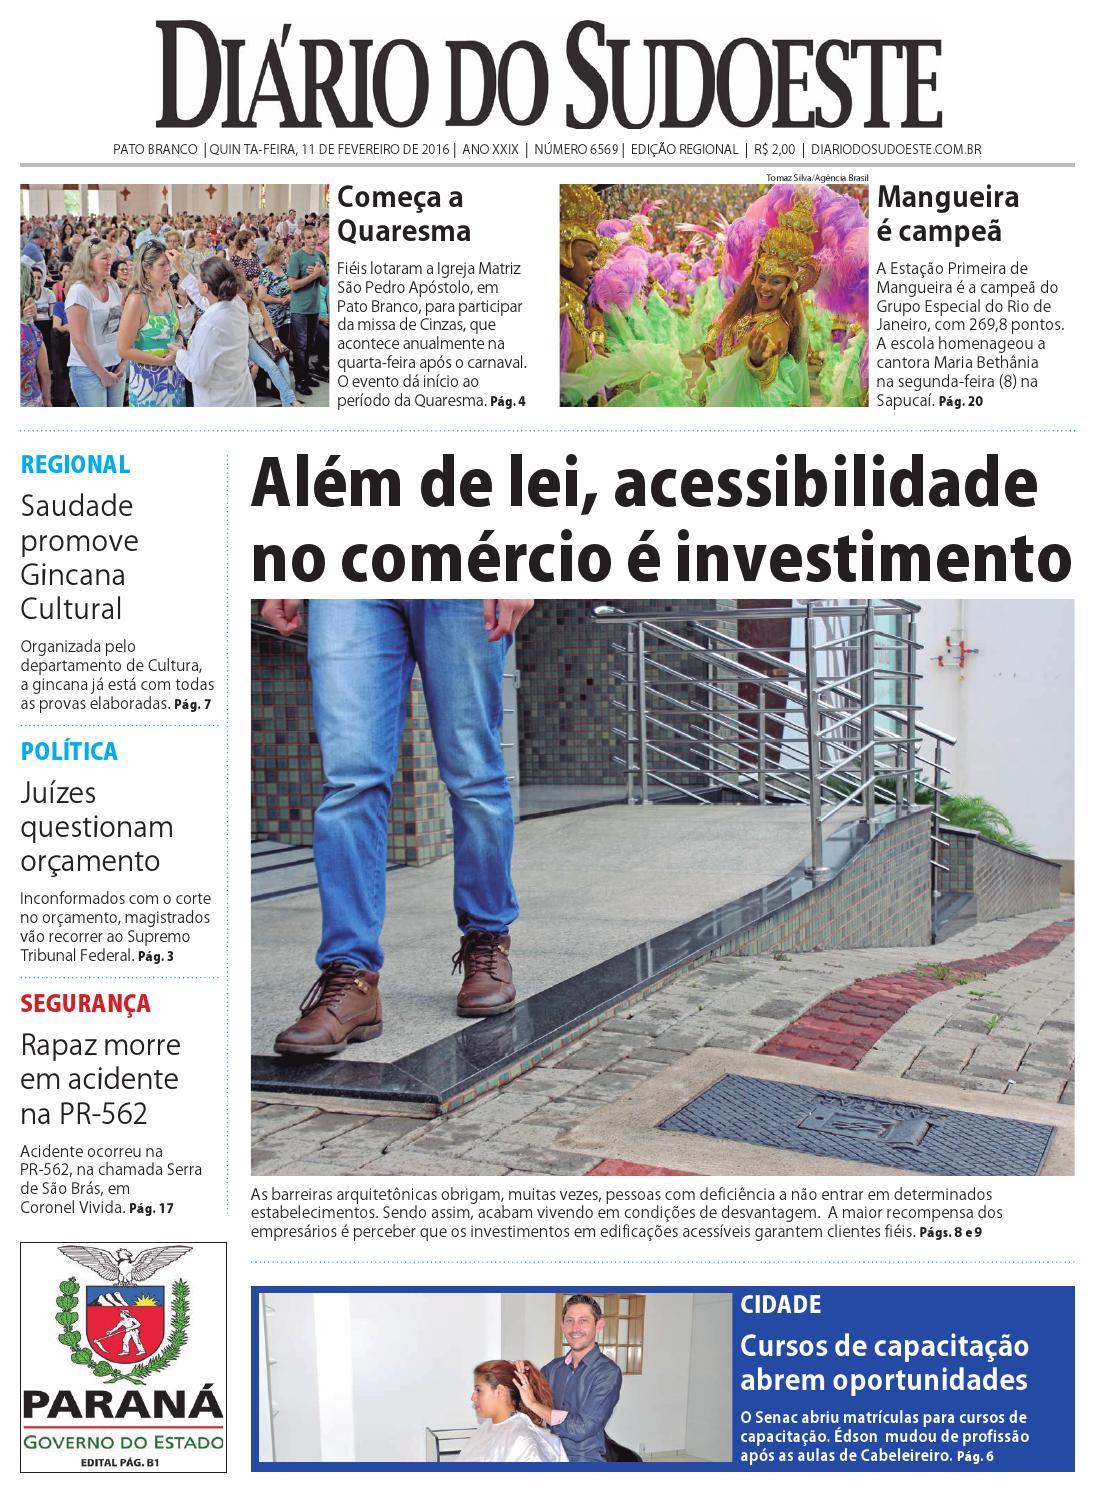 Diário do sudoeste 11 de fevereiro de 2015 ed 6569 by Diário do Sudoeste -  issuu aa687351fc87d